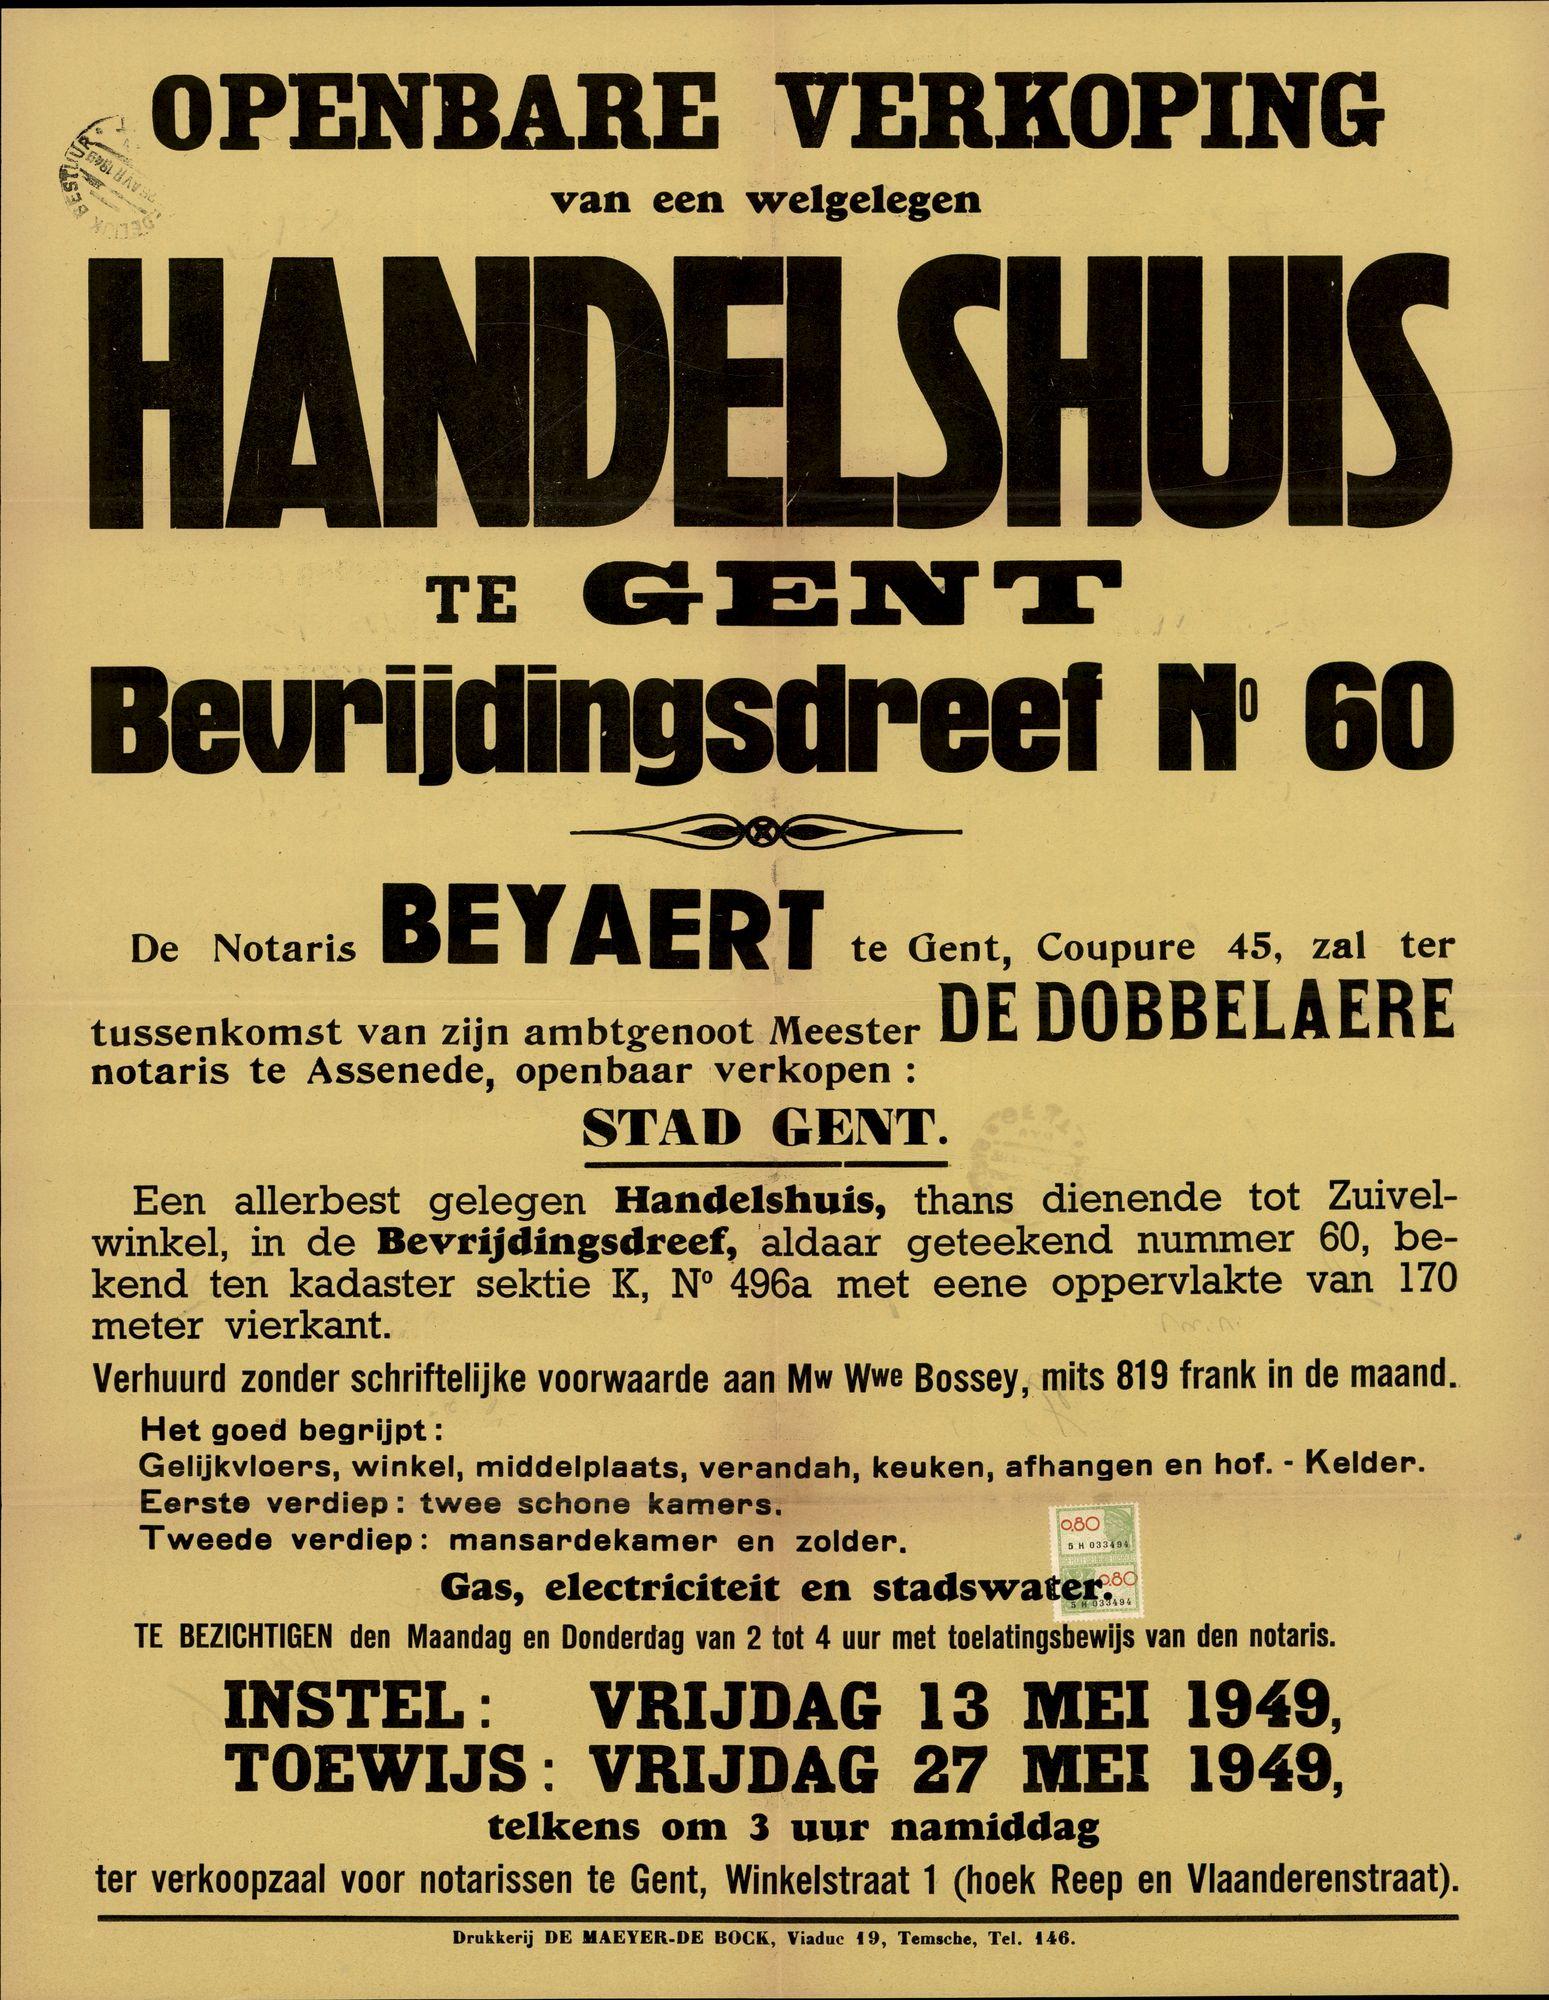 Openbare verkoop van een welgelegen handelshuis te Gent, Bevrijdingsdreef, nr.60, Gent, 27 mei 1949